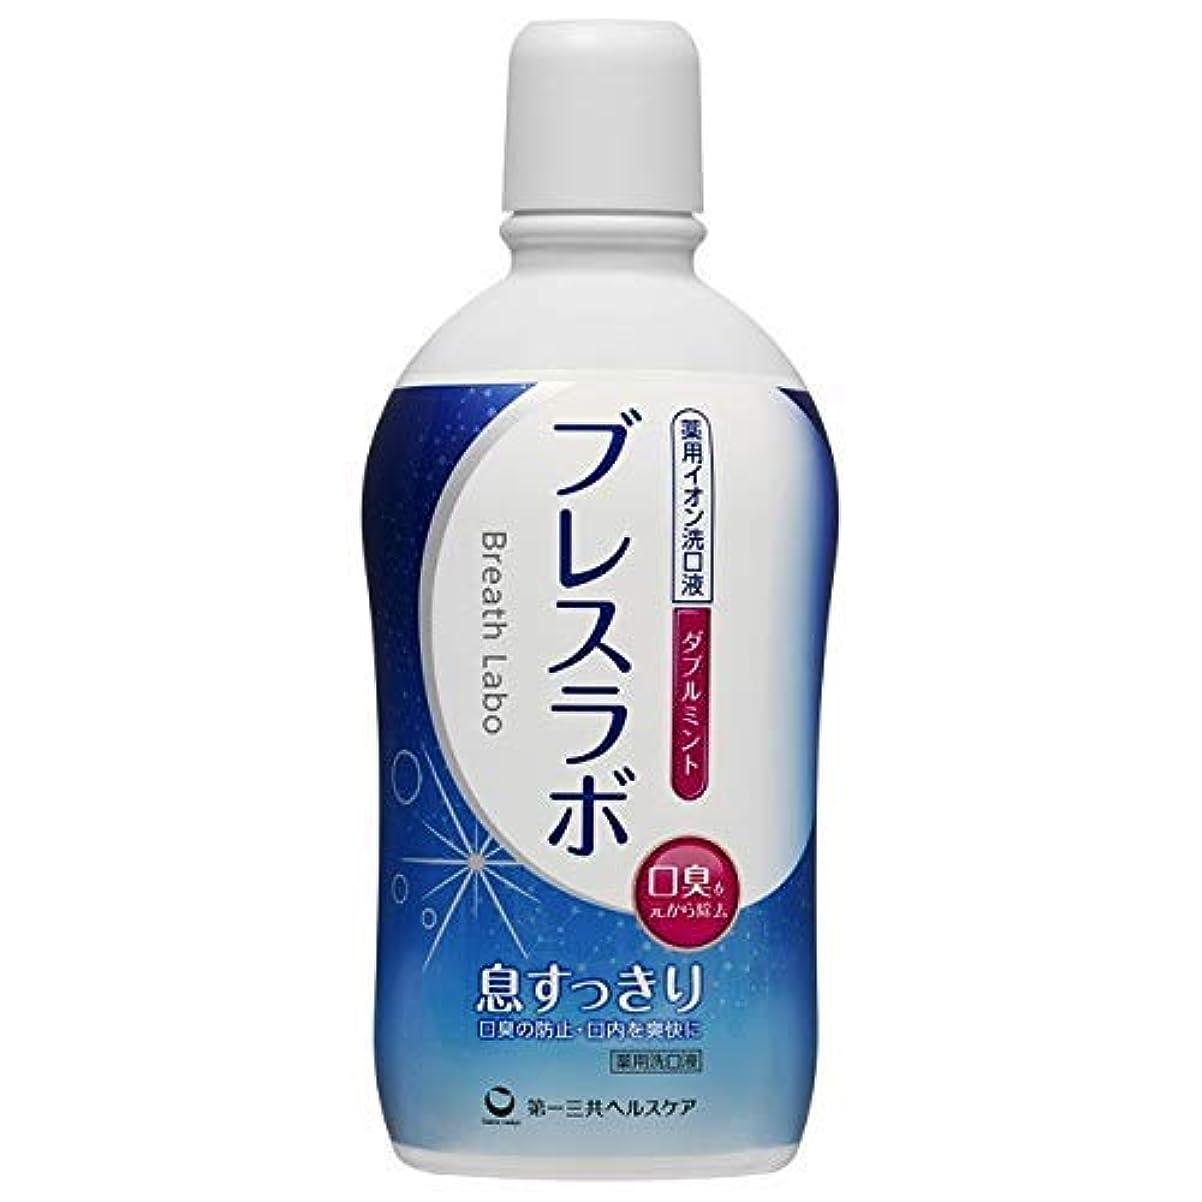 静的写真撮影誰でも第一三共ヘルスケア 薬用イオン洗口液 ブレスラボ マウスウォッシュ ダブルミント 単品 450mL